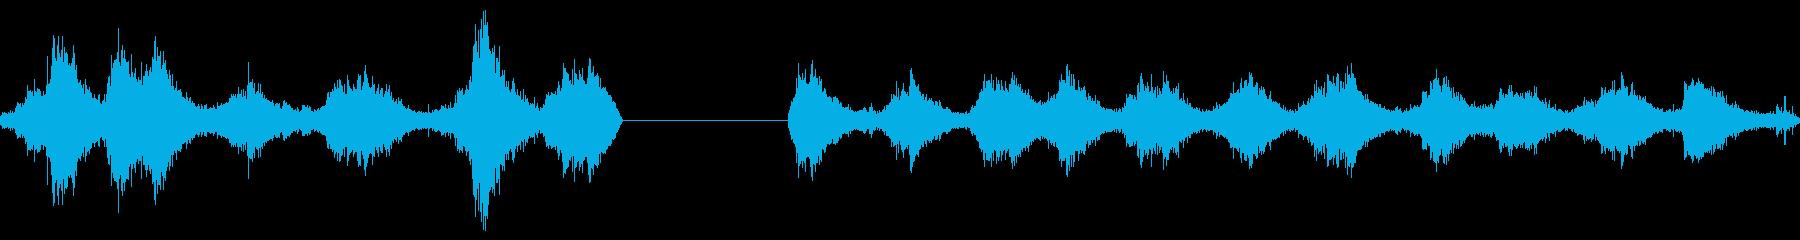 ブタフェメロインセンスバーナースイングの再生済みの波形